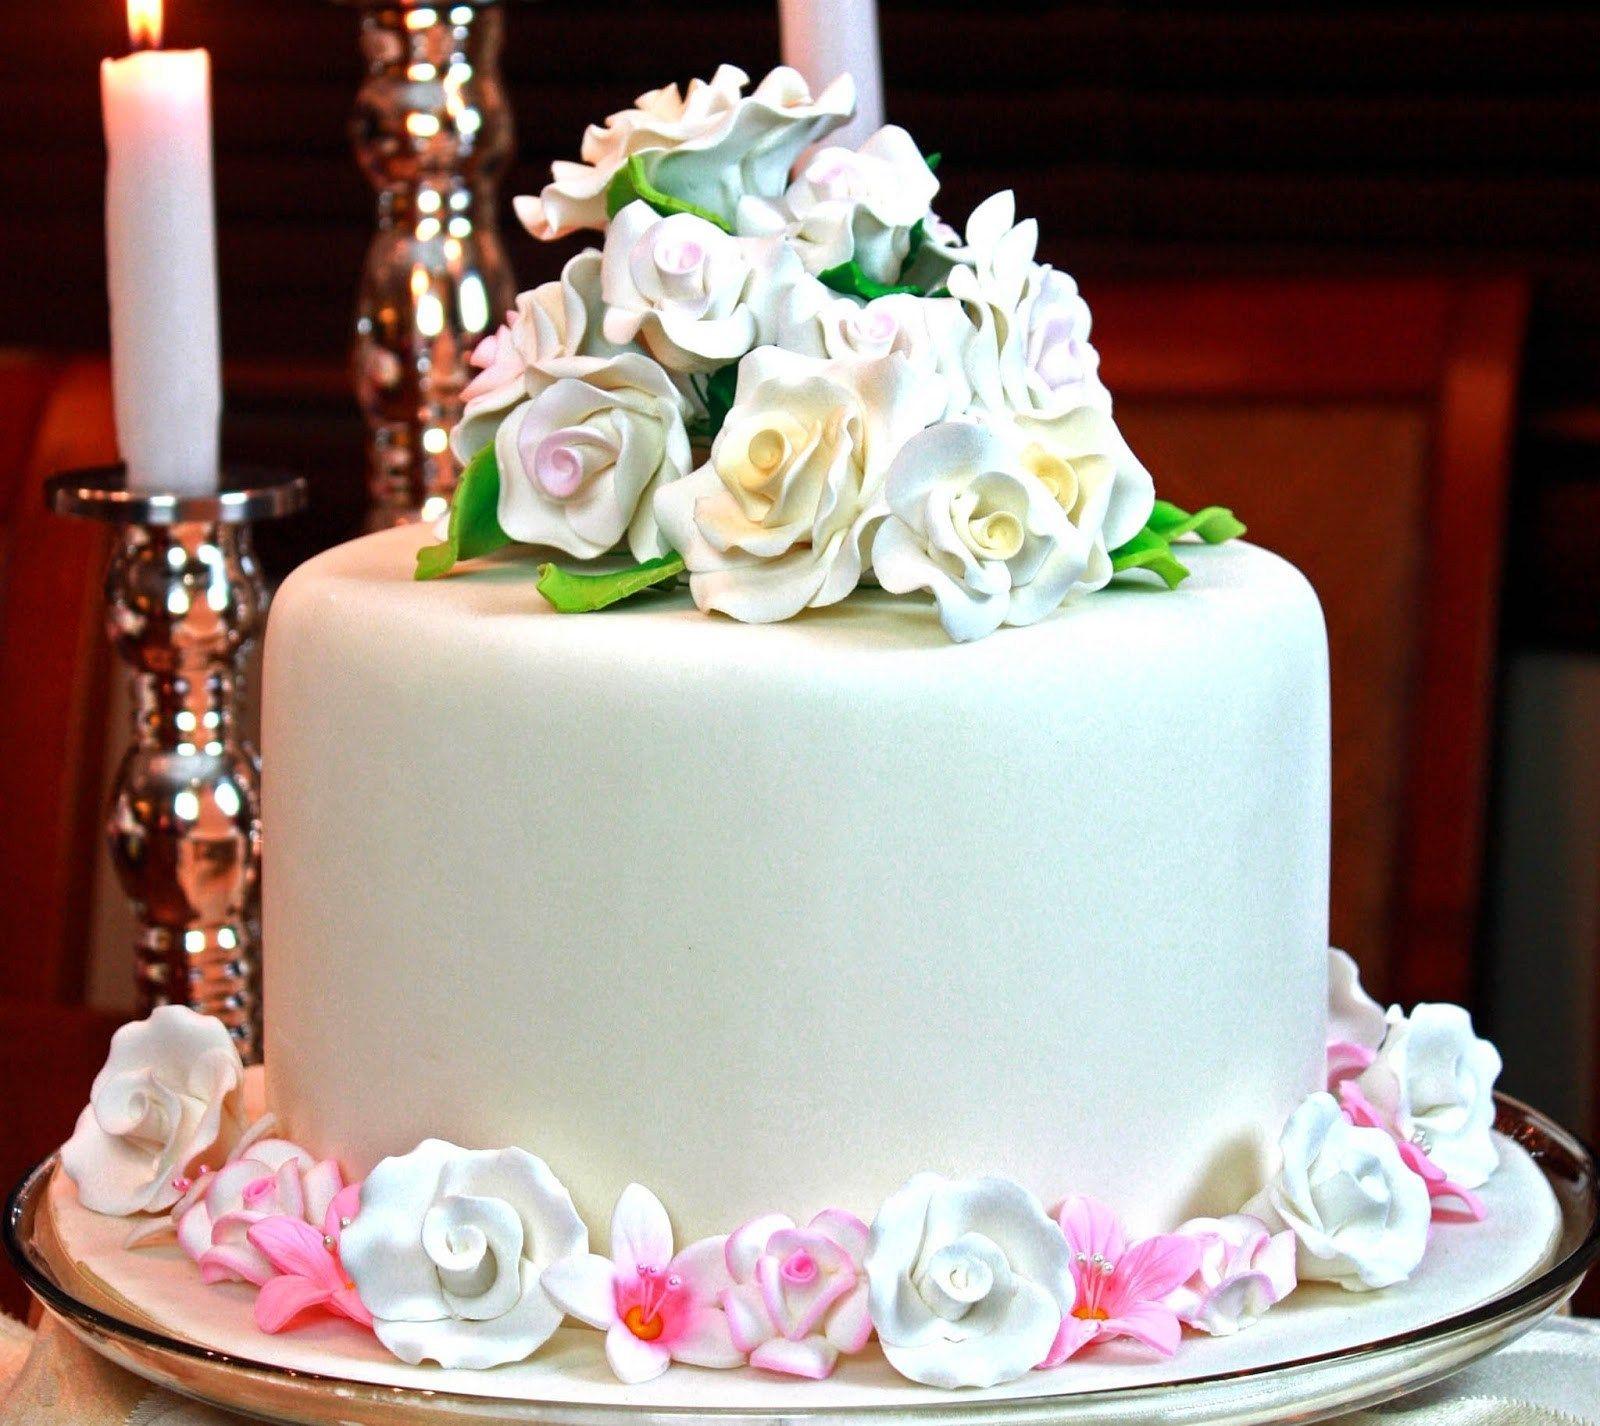 25+ Amazing Photo of Best Birthday Cake Ever Happy